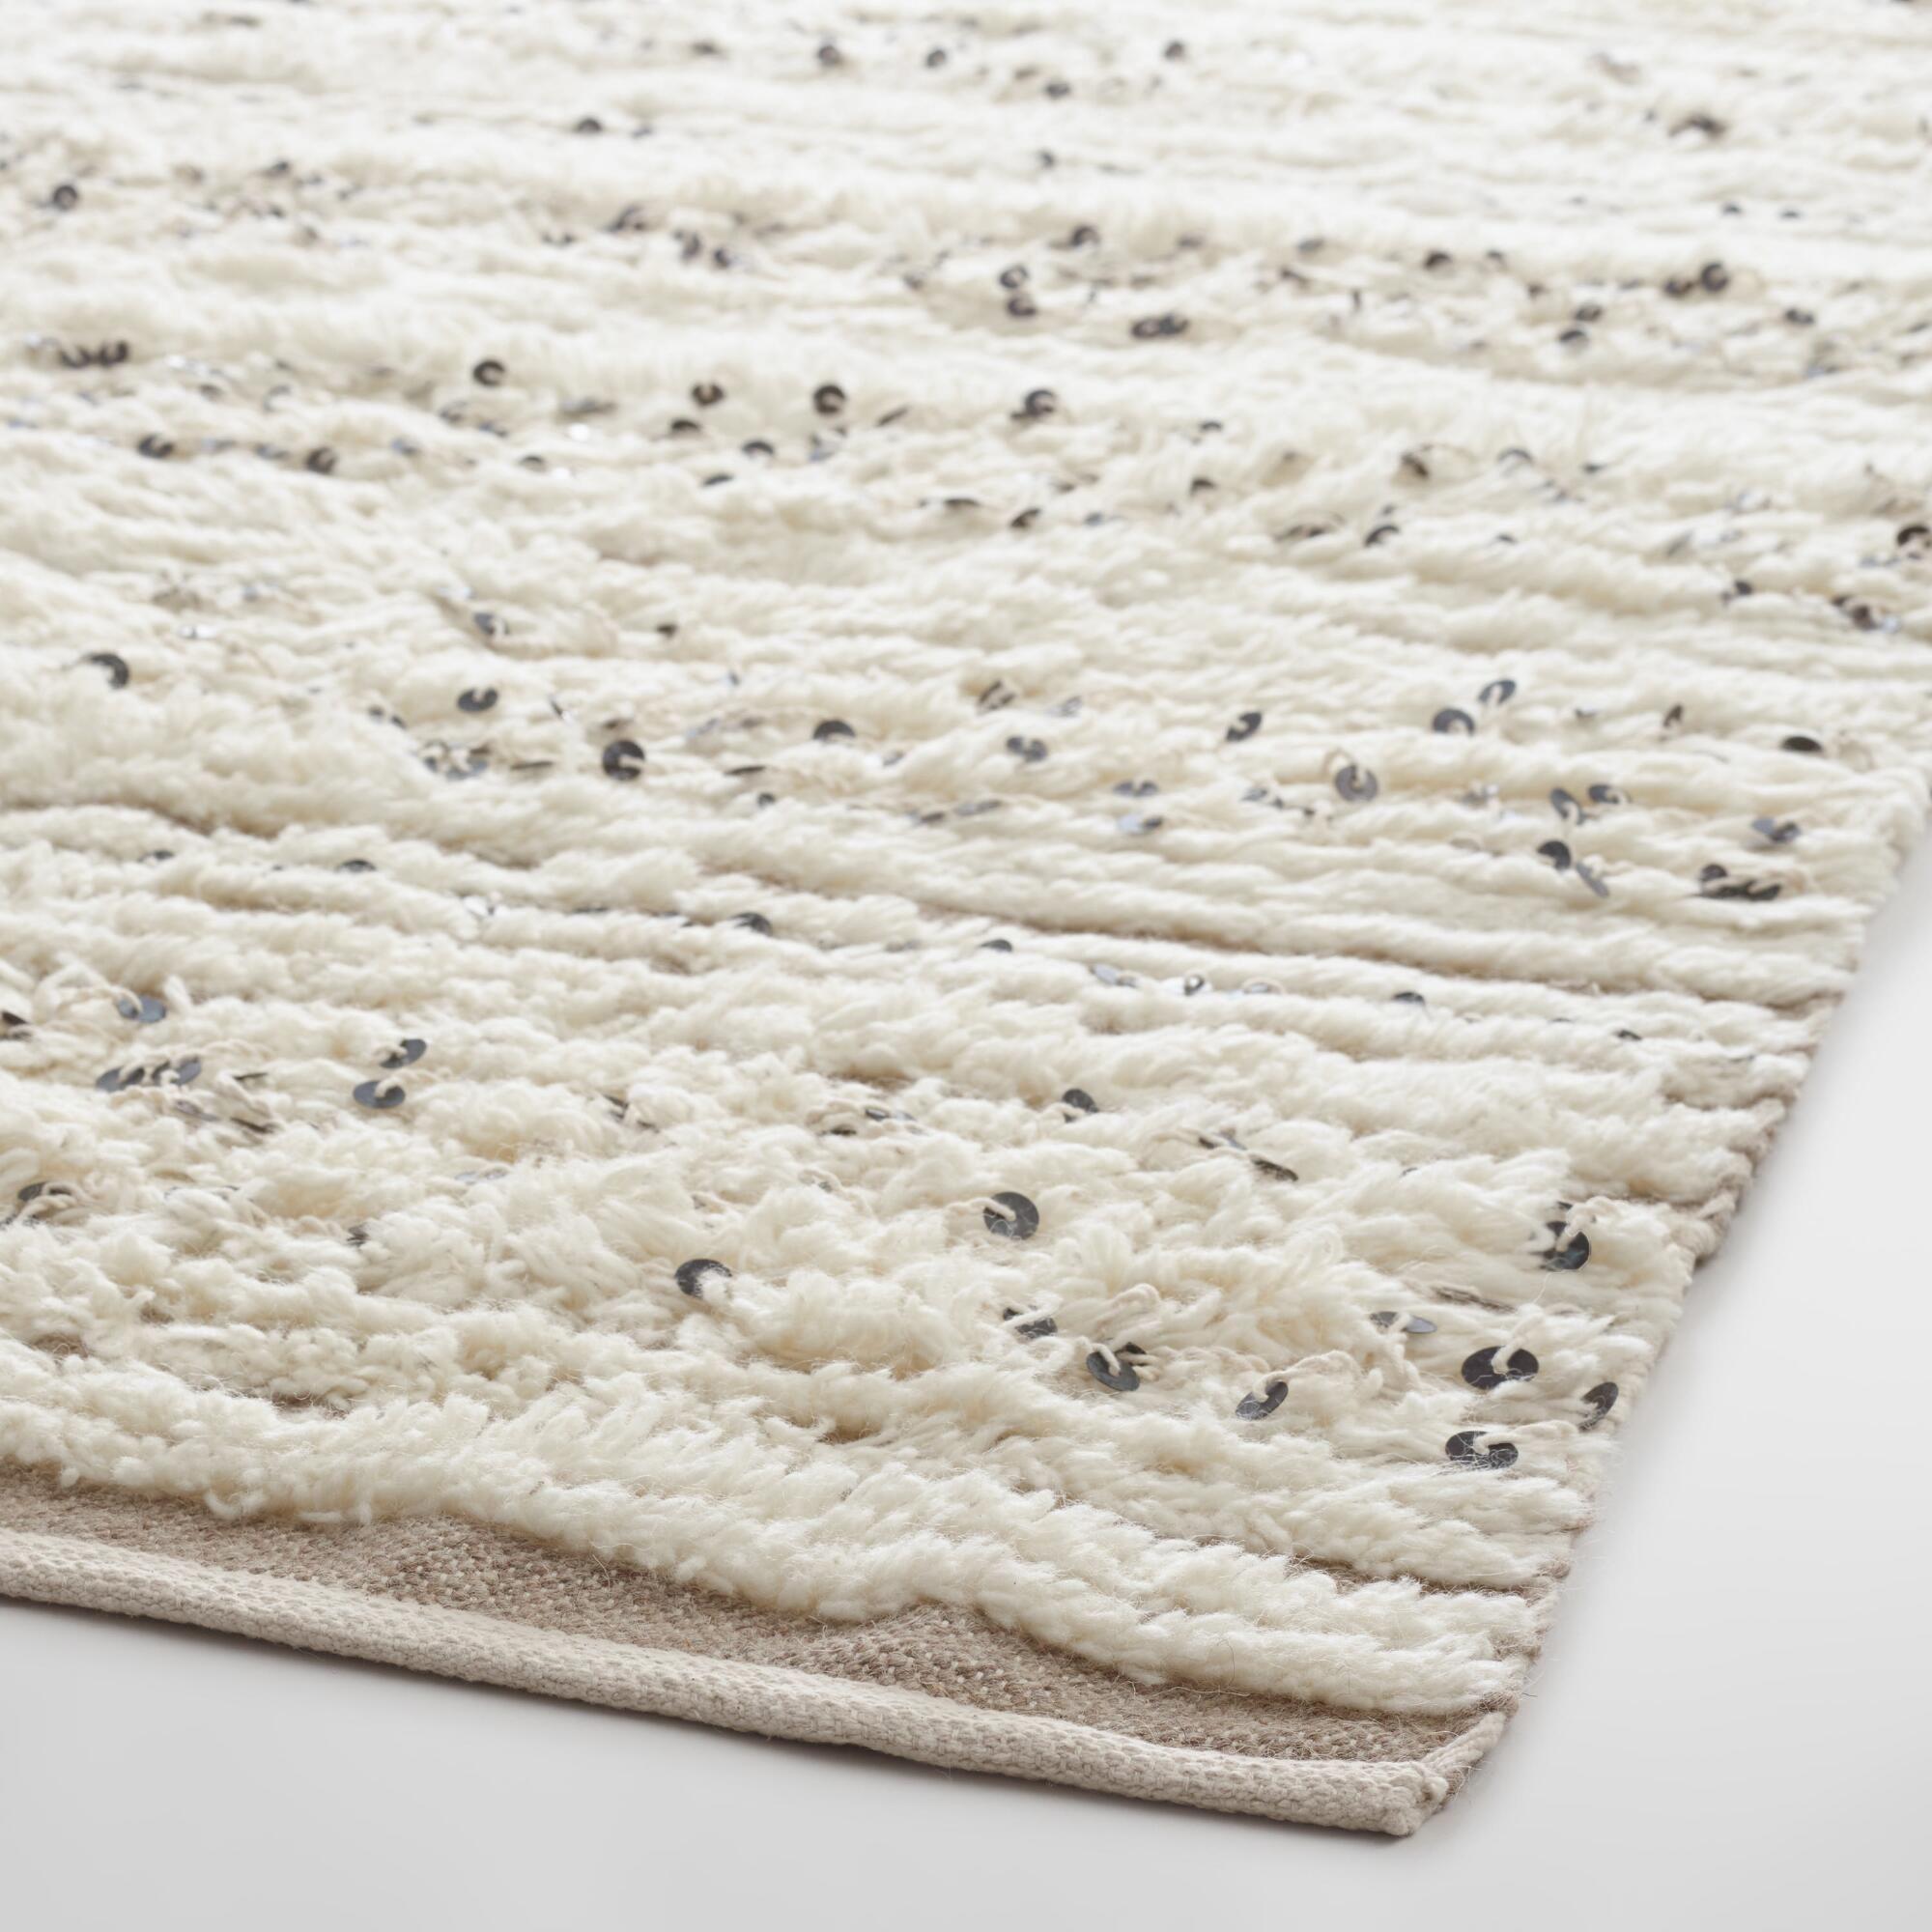 Ivory Moroccan Style Wedding Blanket Wool Area Rug $200